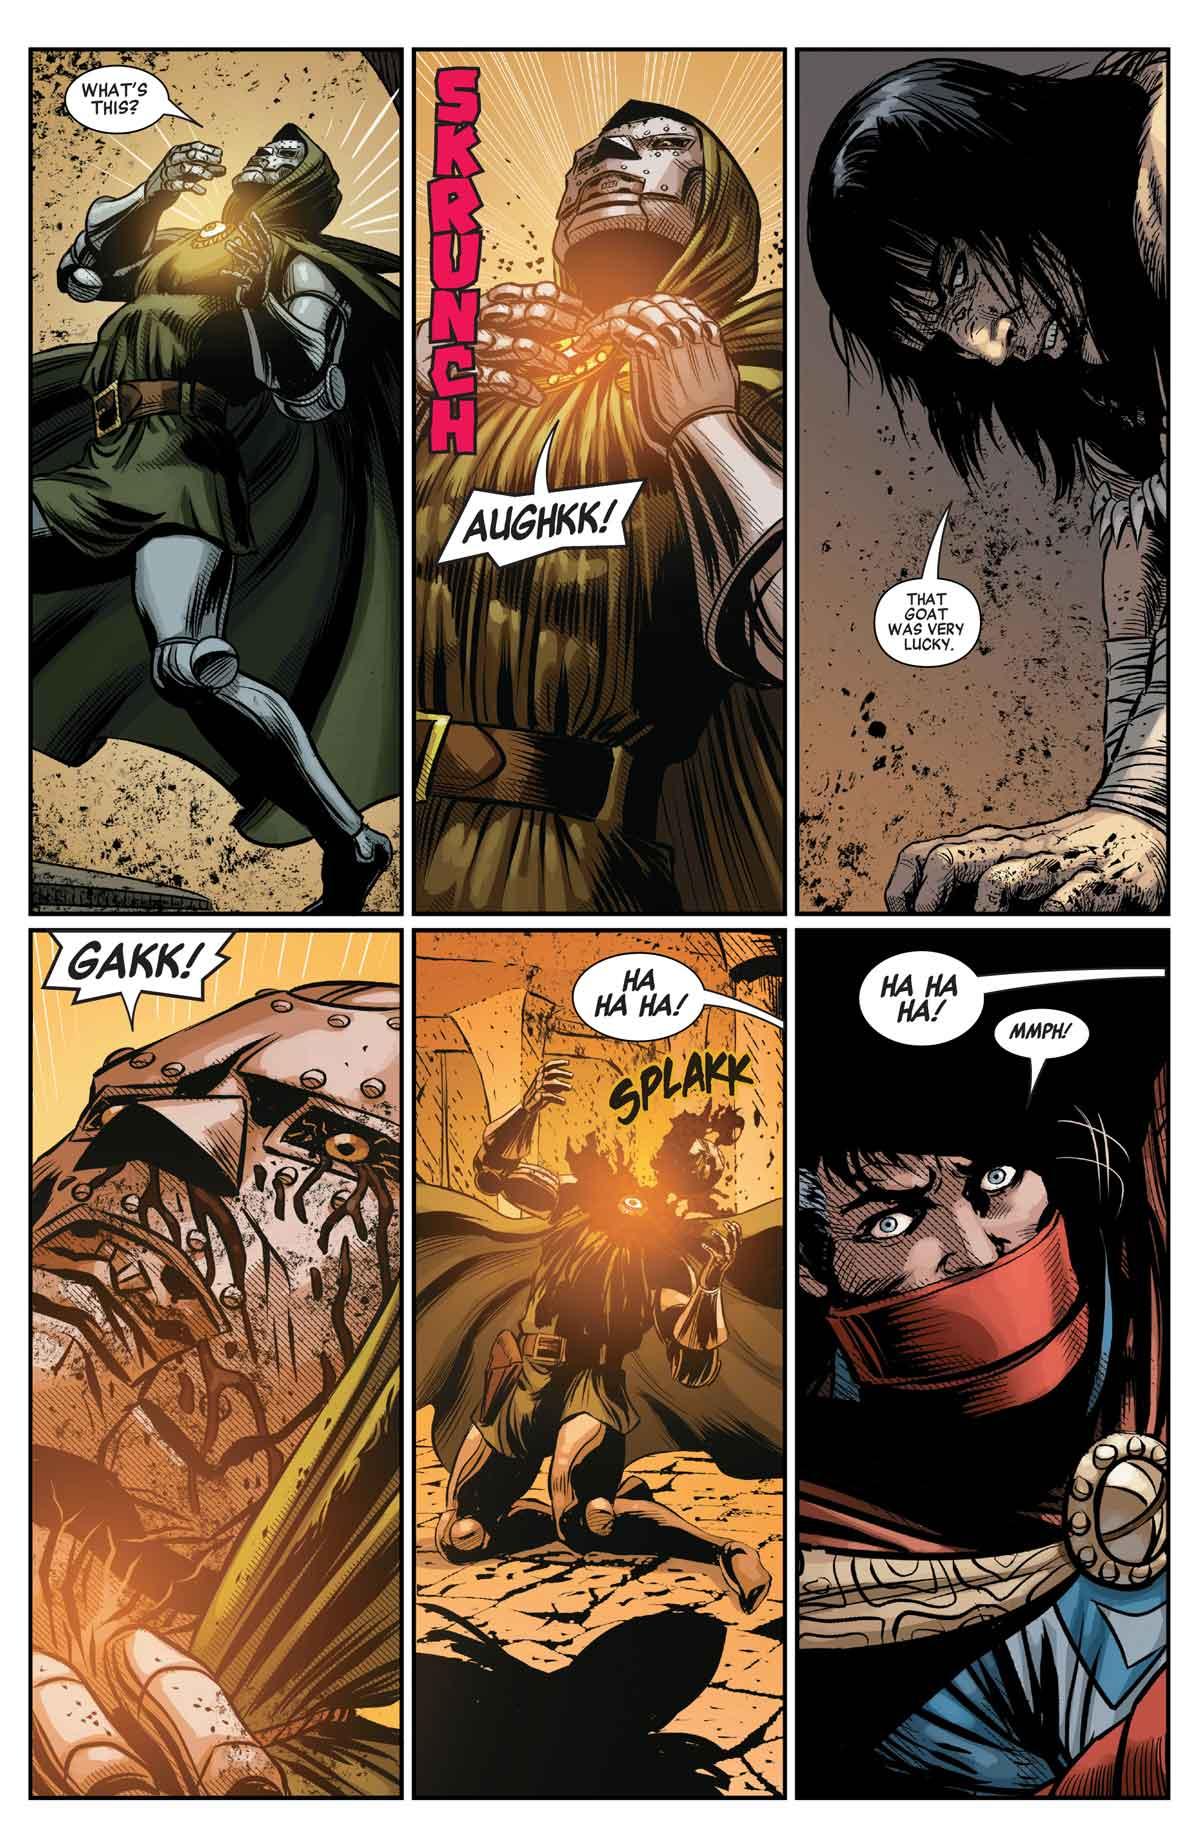 La cruel muerte del villano más importante de Marvel